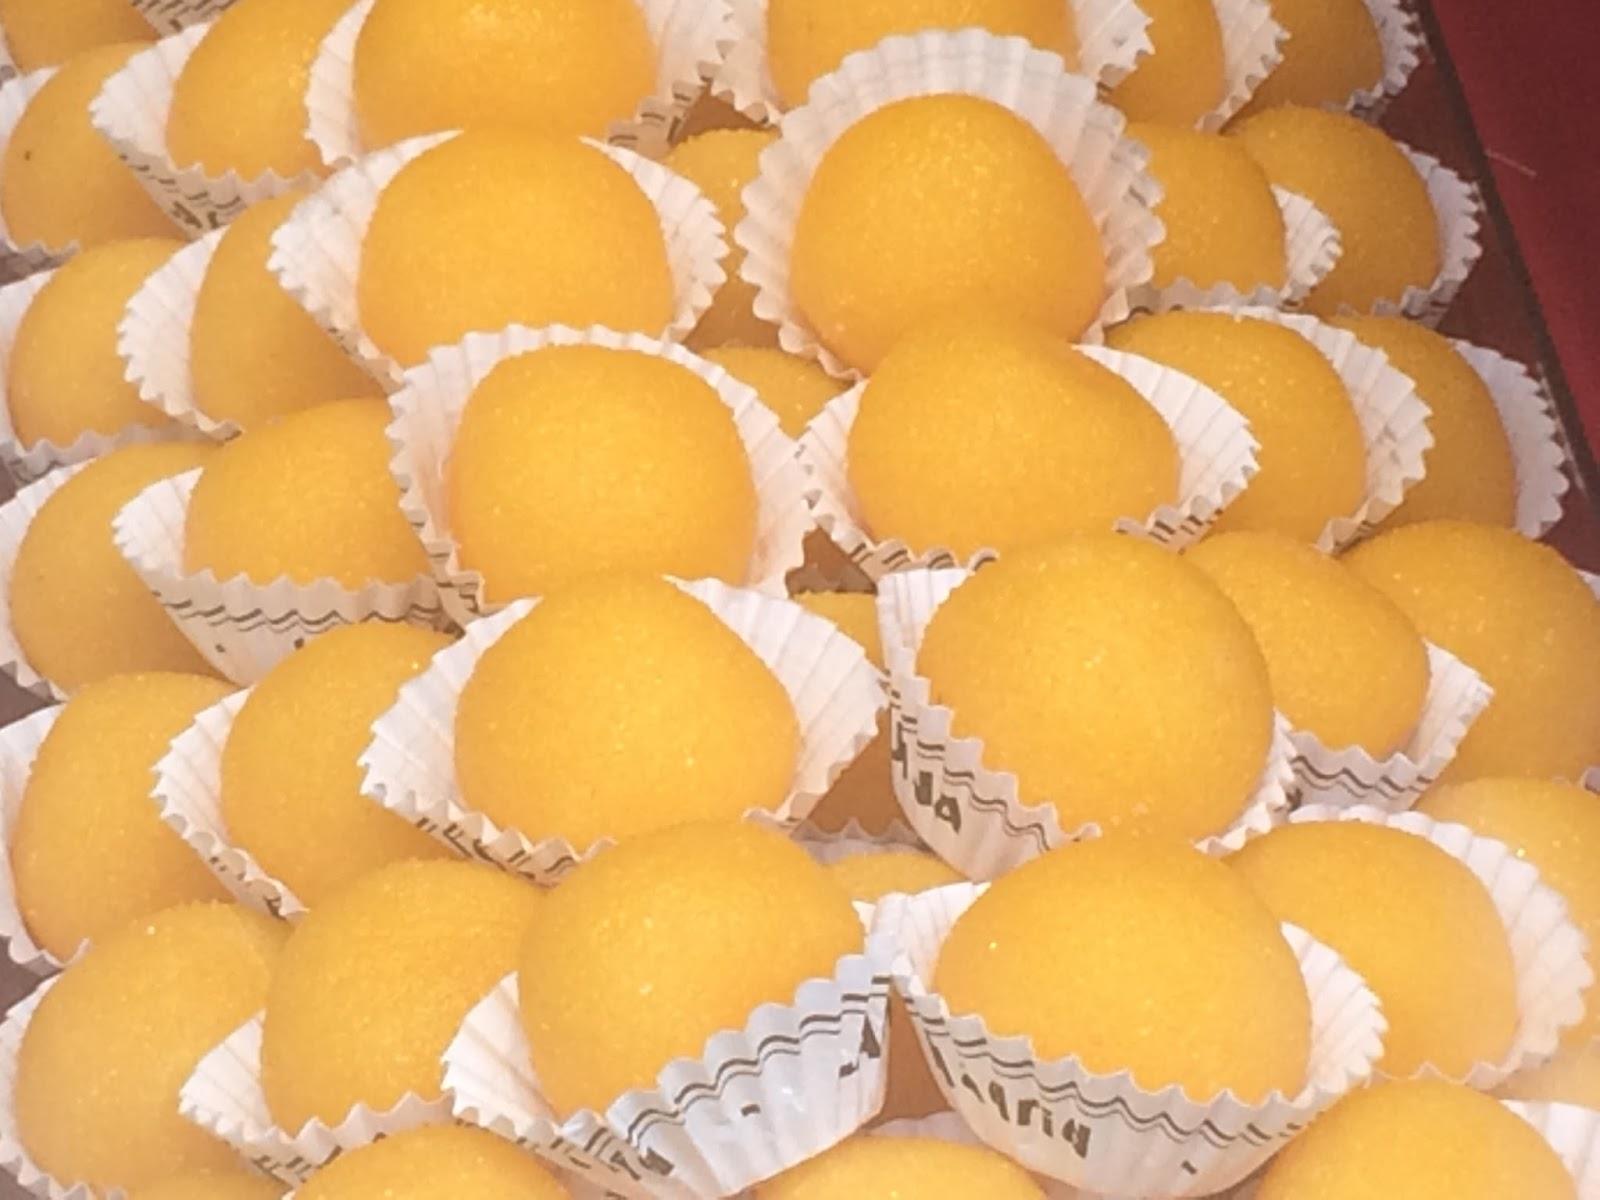 Dulces de Yemas - Yemas de Avila ó Santa Teresa - La Cocina Del Sur